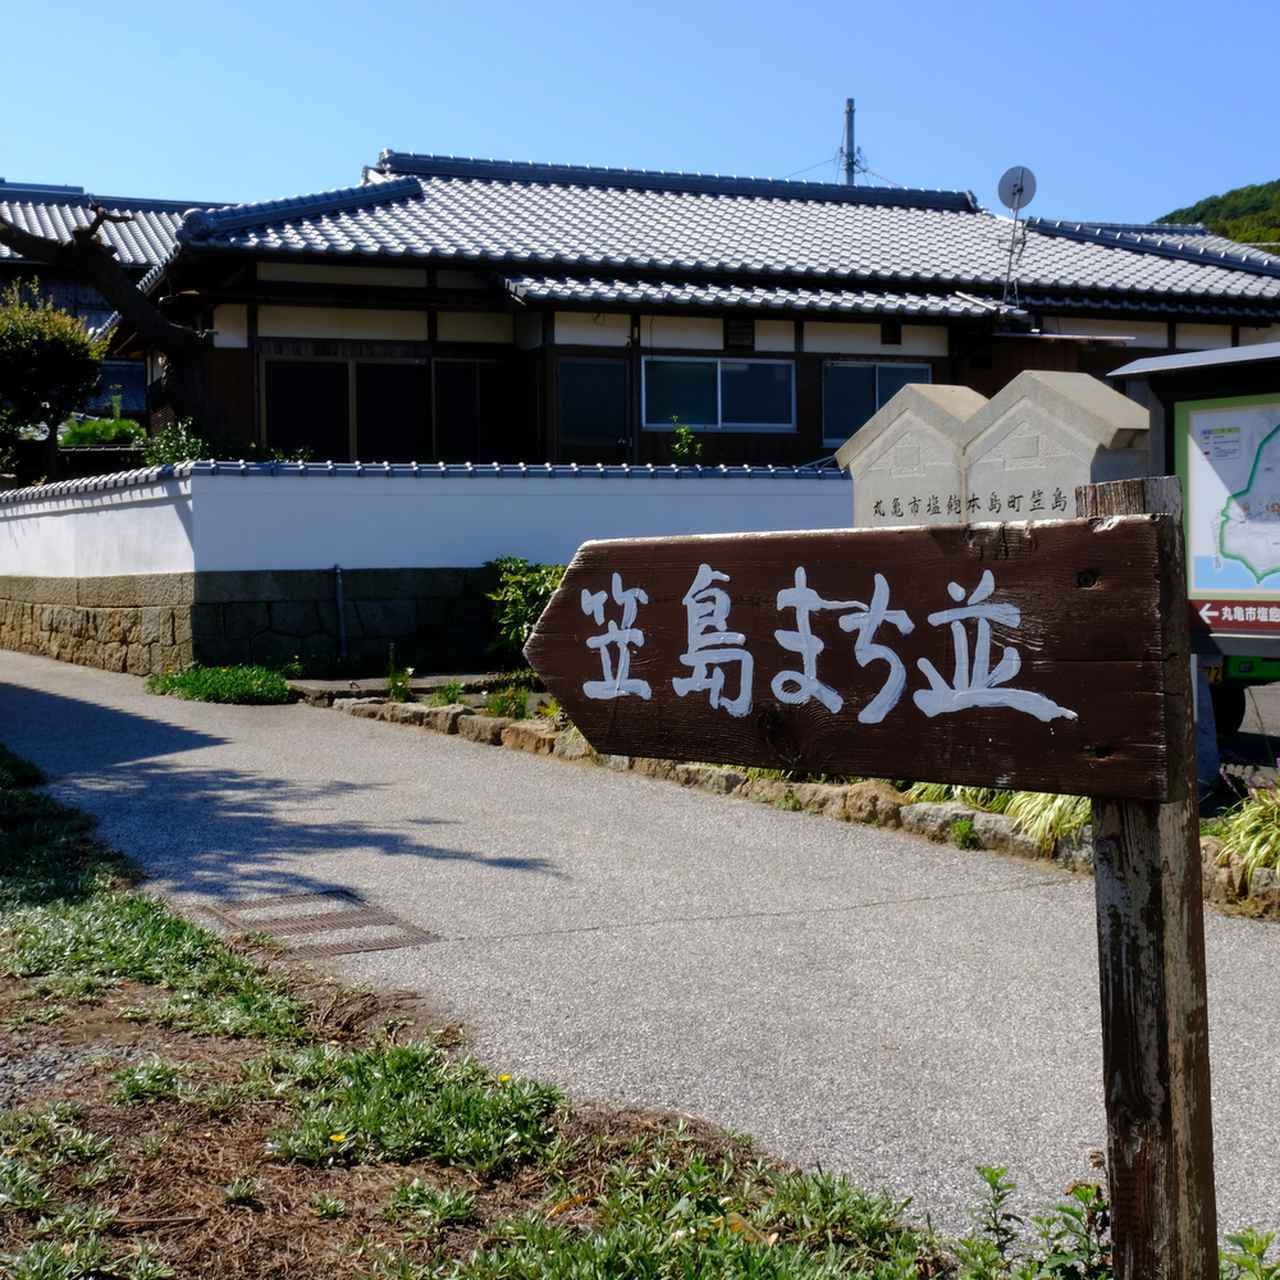 画像: 笠島の古い街並みは重要伝統的建造物群保存地区に指定されています。江戸時代から昭和初期までの古い民家や建物が残されています。